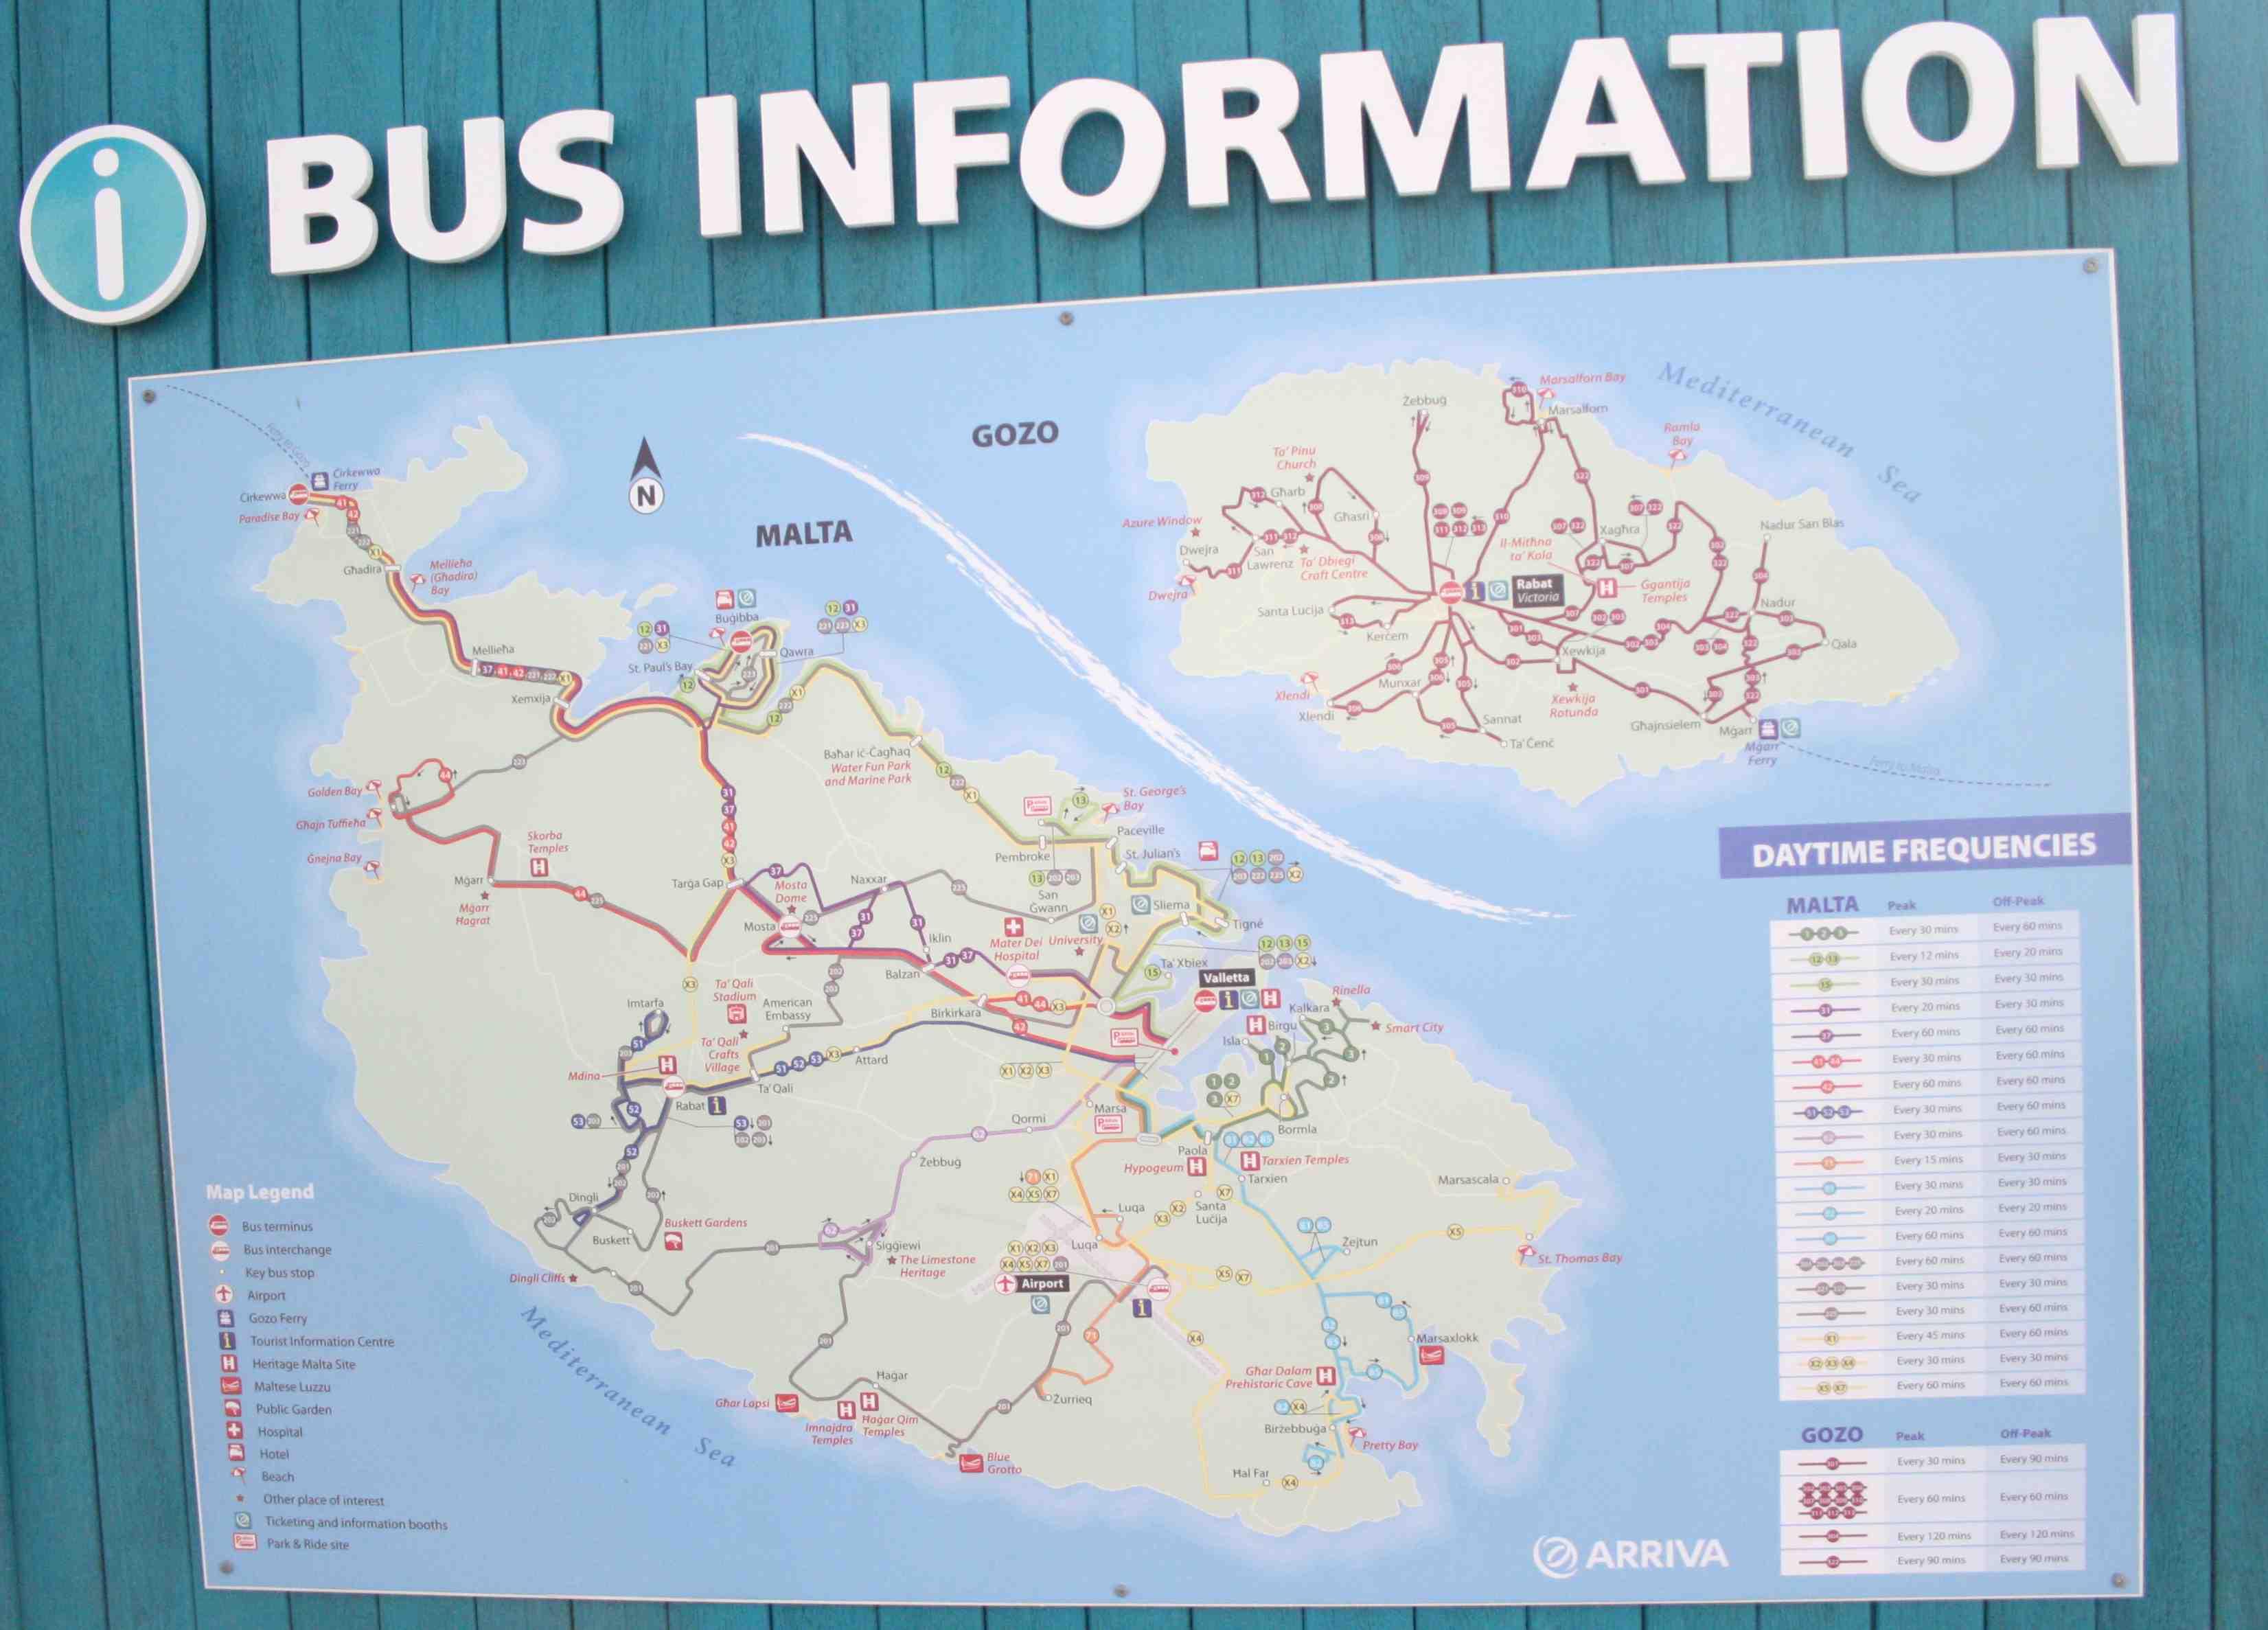 Autobuses en Malta